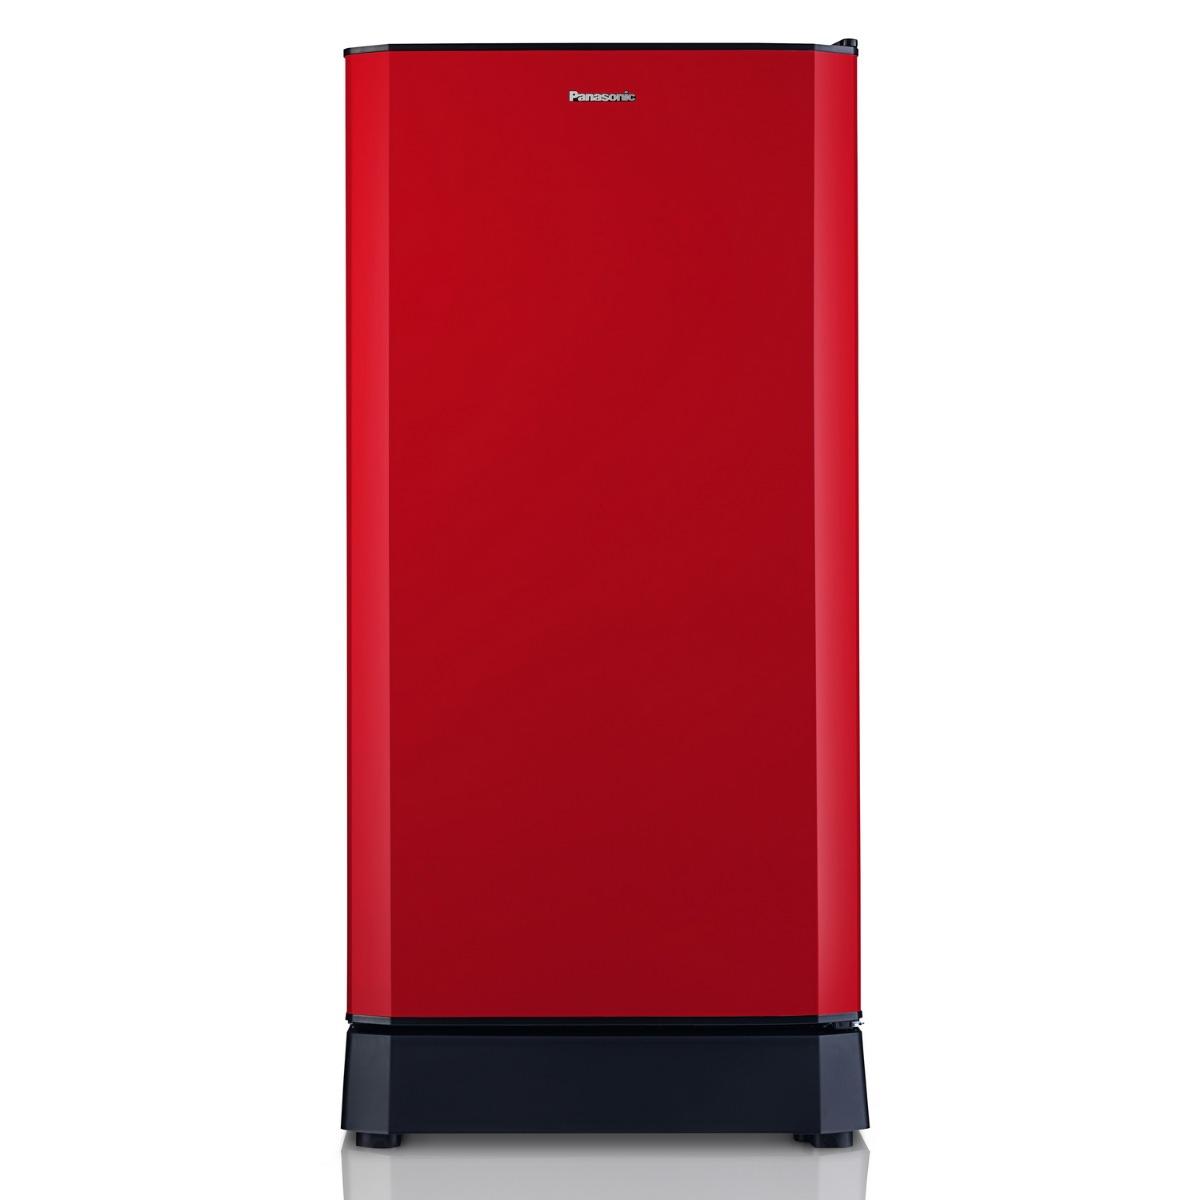 ตู้เย็น 1 ปะตู (6.5 คิว,สีแดง) รุ่น NR-AH188RRTH